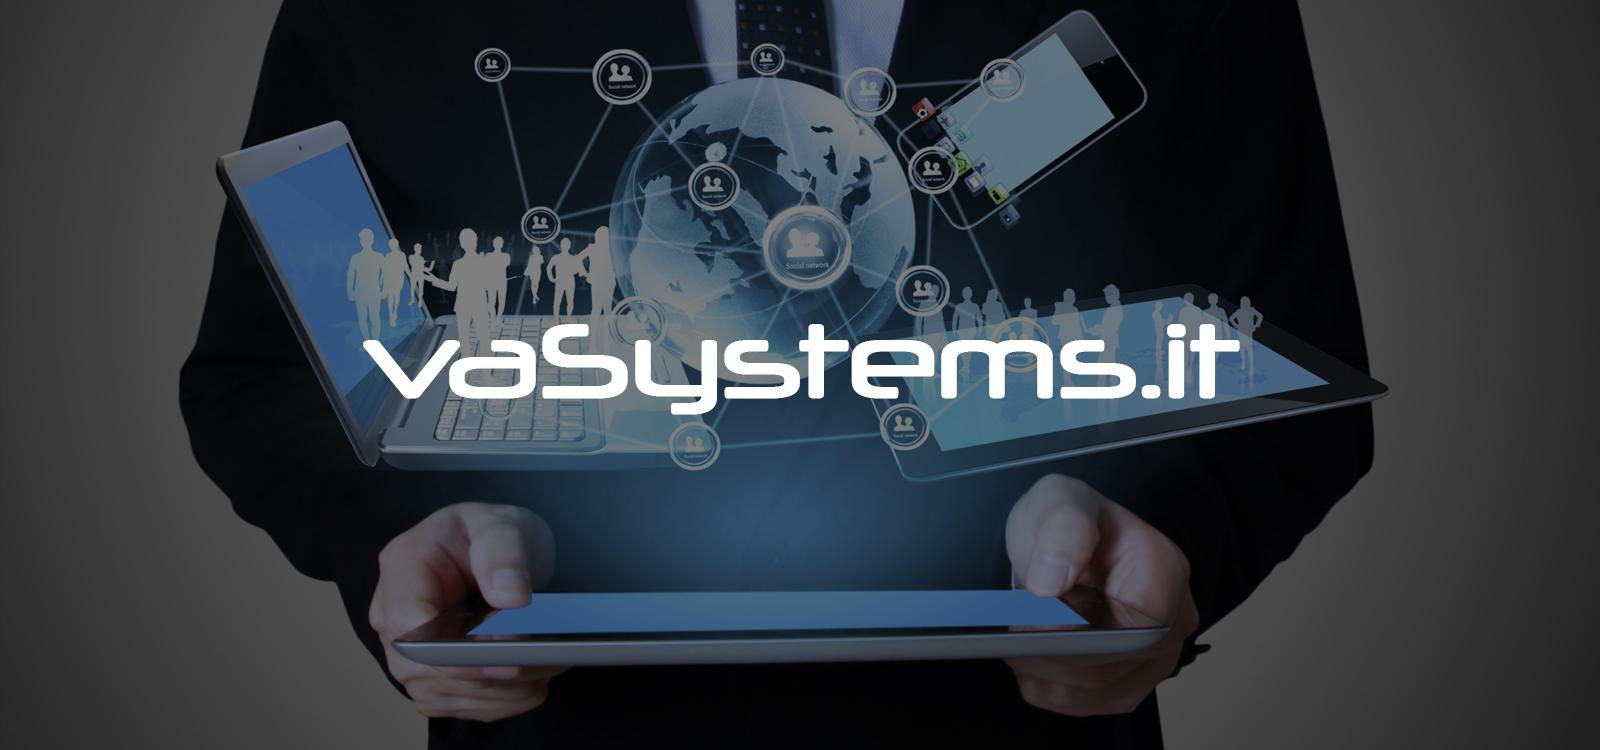 Sistemi informatici, Sviluppo applicazioni Web,  Assistenza tecnica domicilio Cassino, Frosinone e provincia, servizio domicilio Latina e provincia